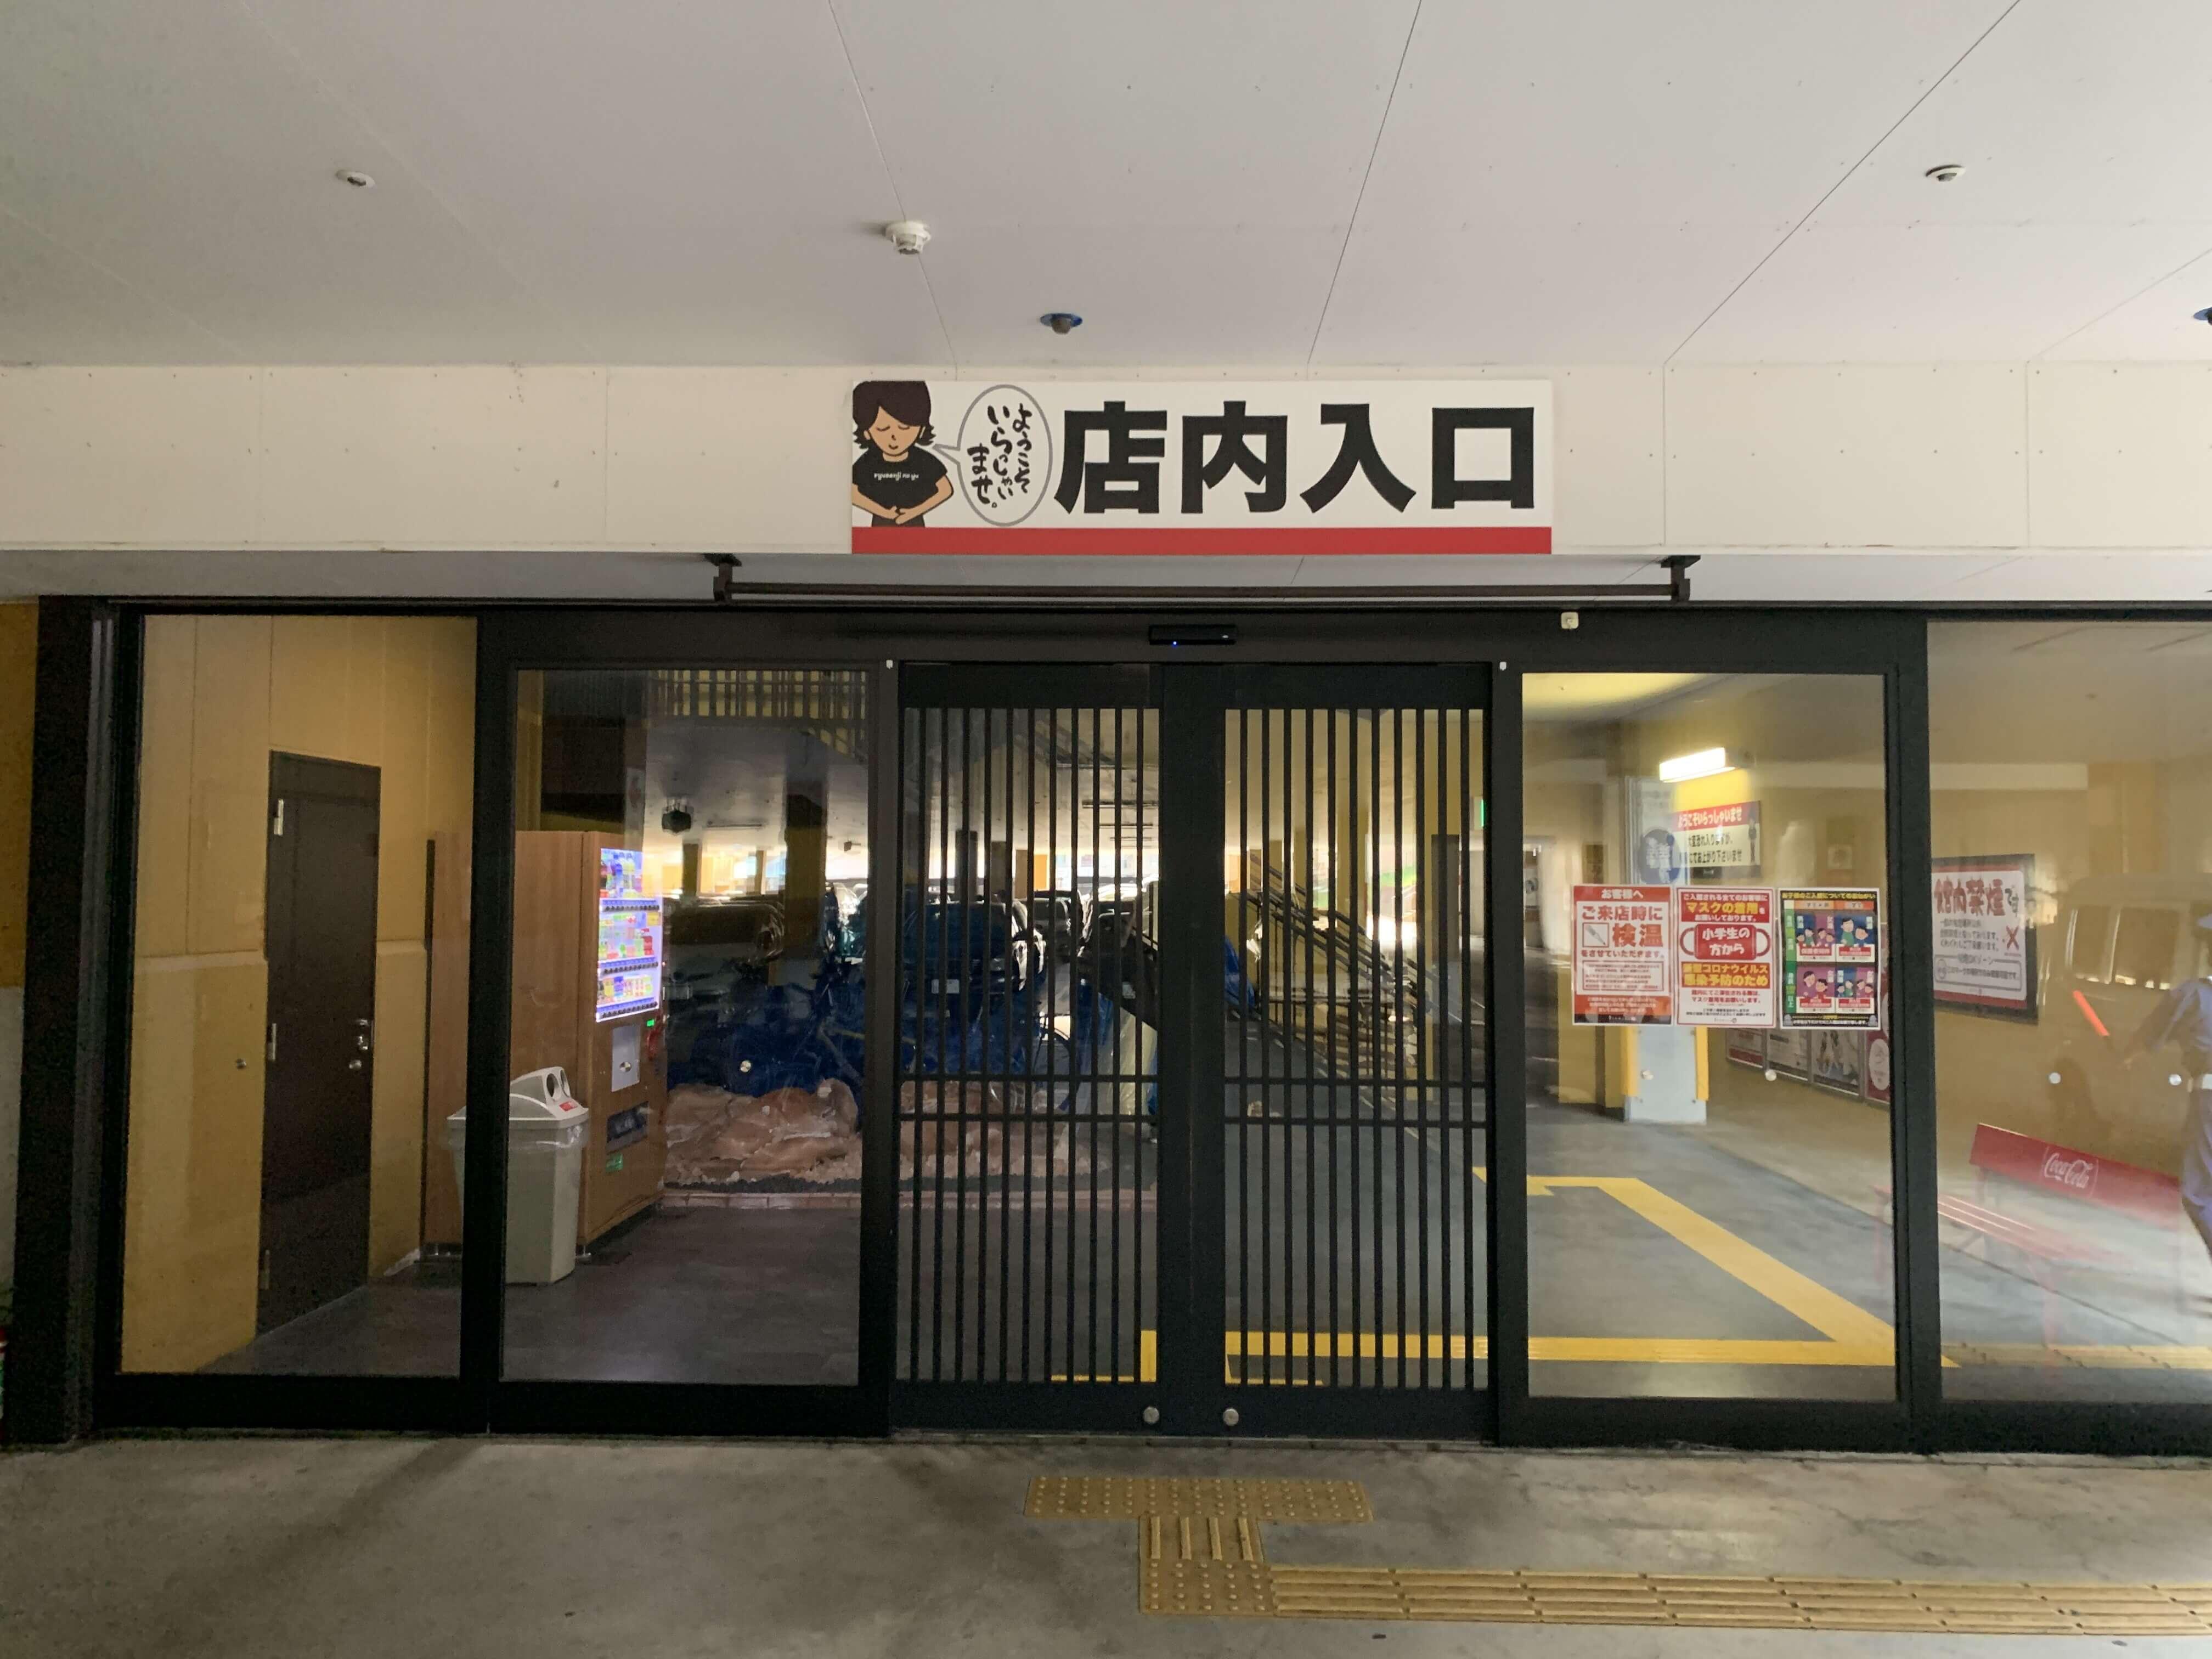 横濱スパヒルズ竜泉寺の湯鶴ヶ峰店_入り口